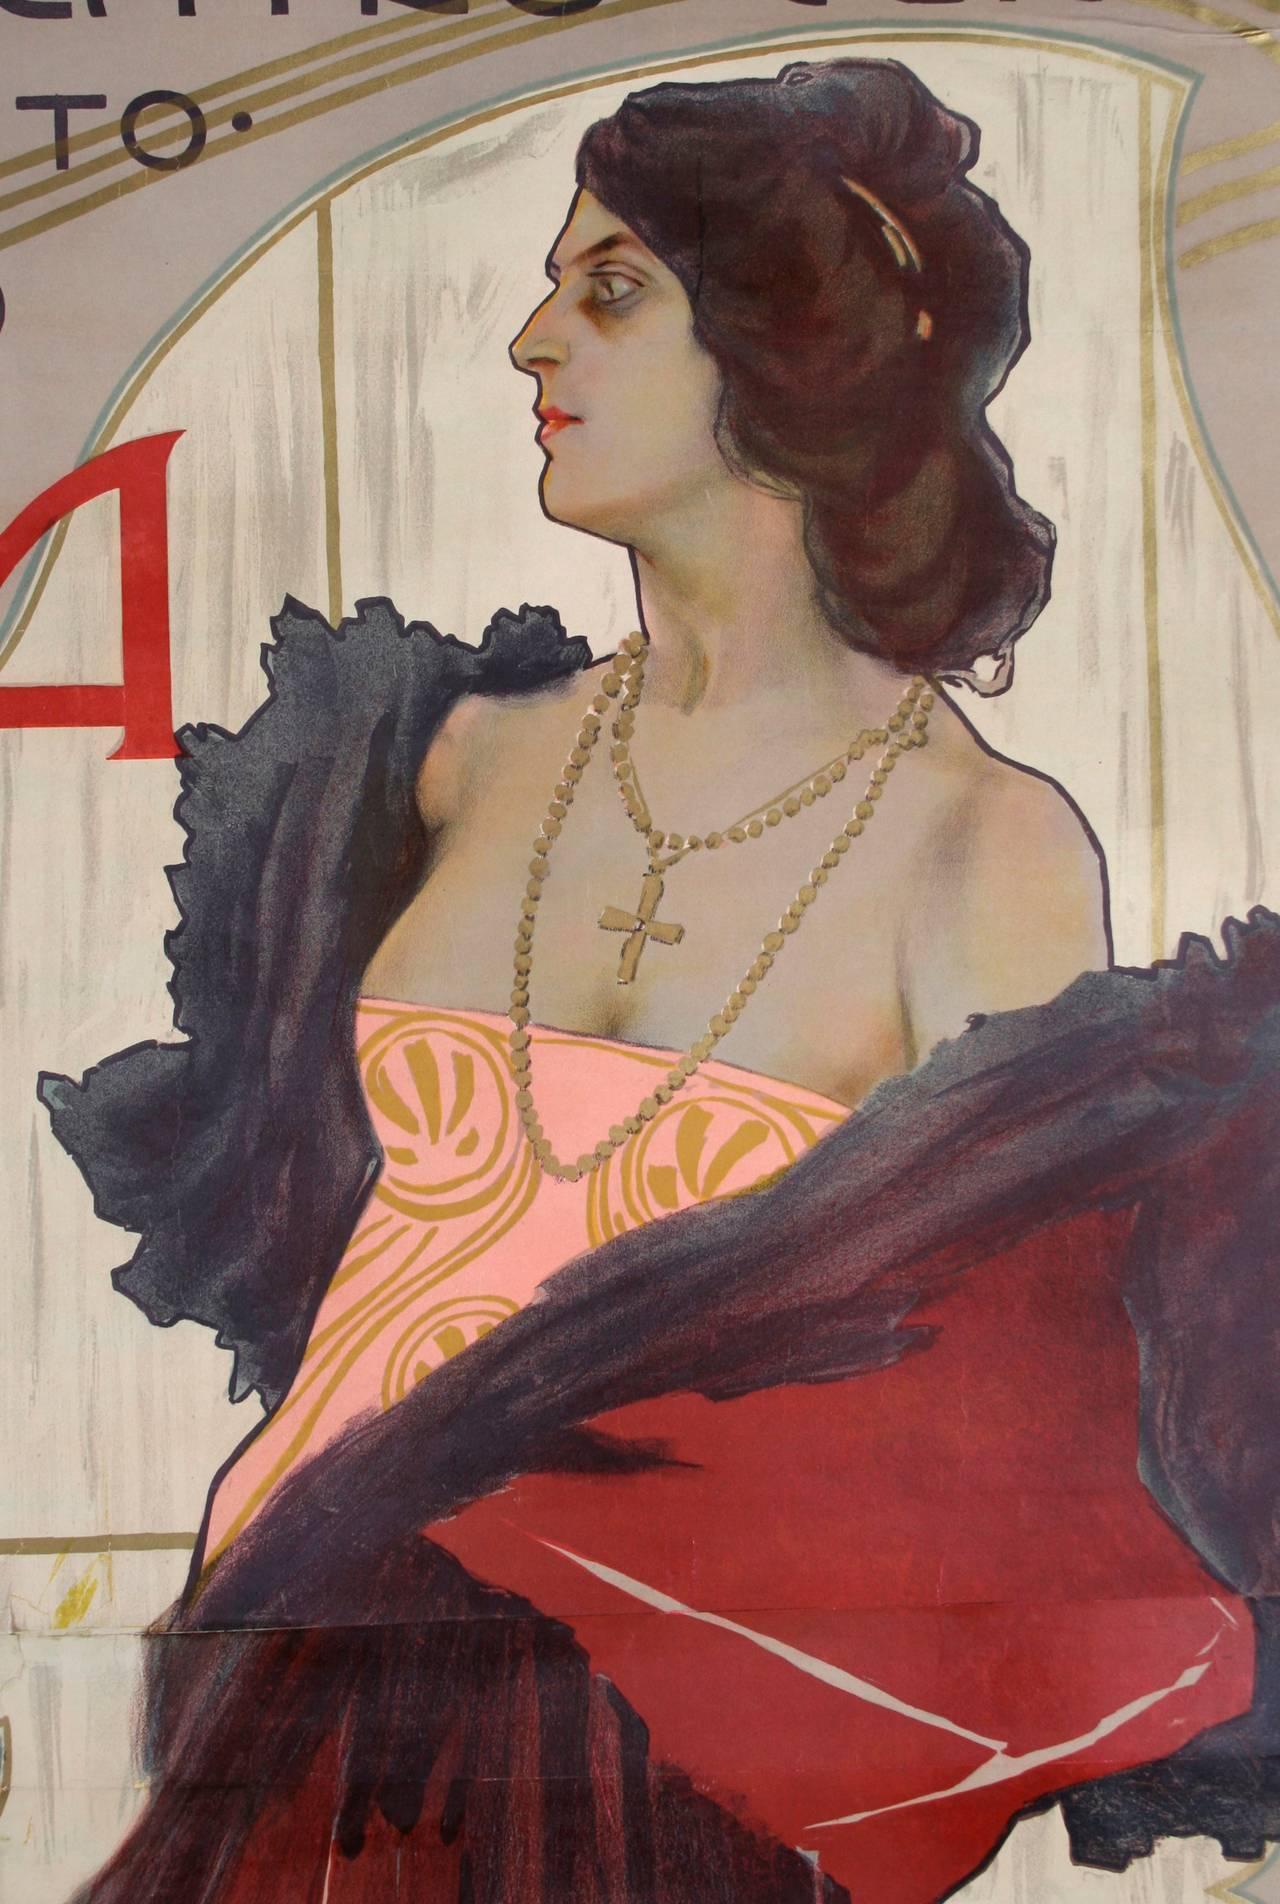 Italian Art Nouveau Period Opera Poster by Marcello Dudovich, 1899 2